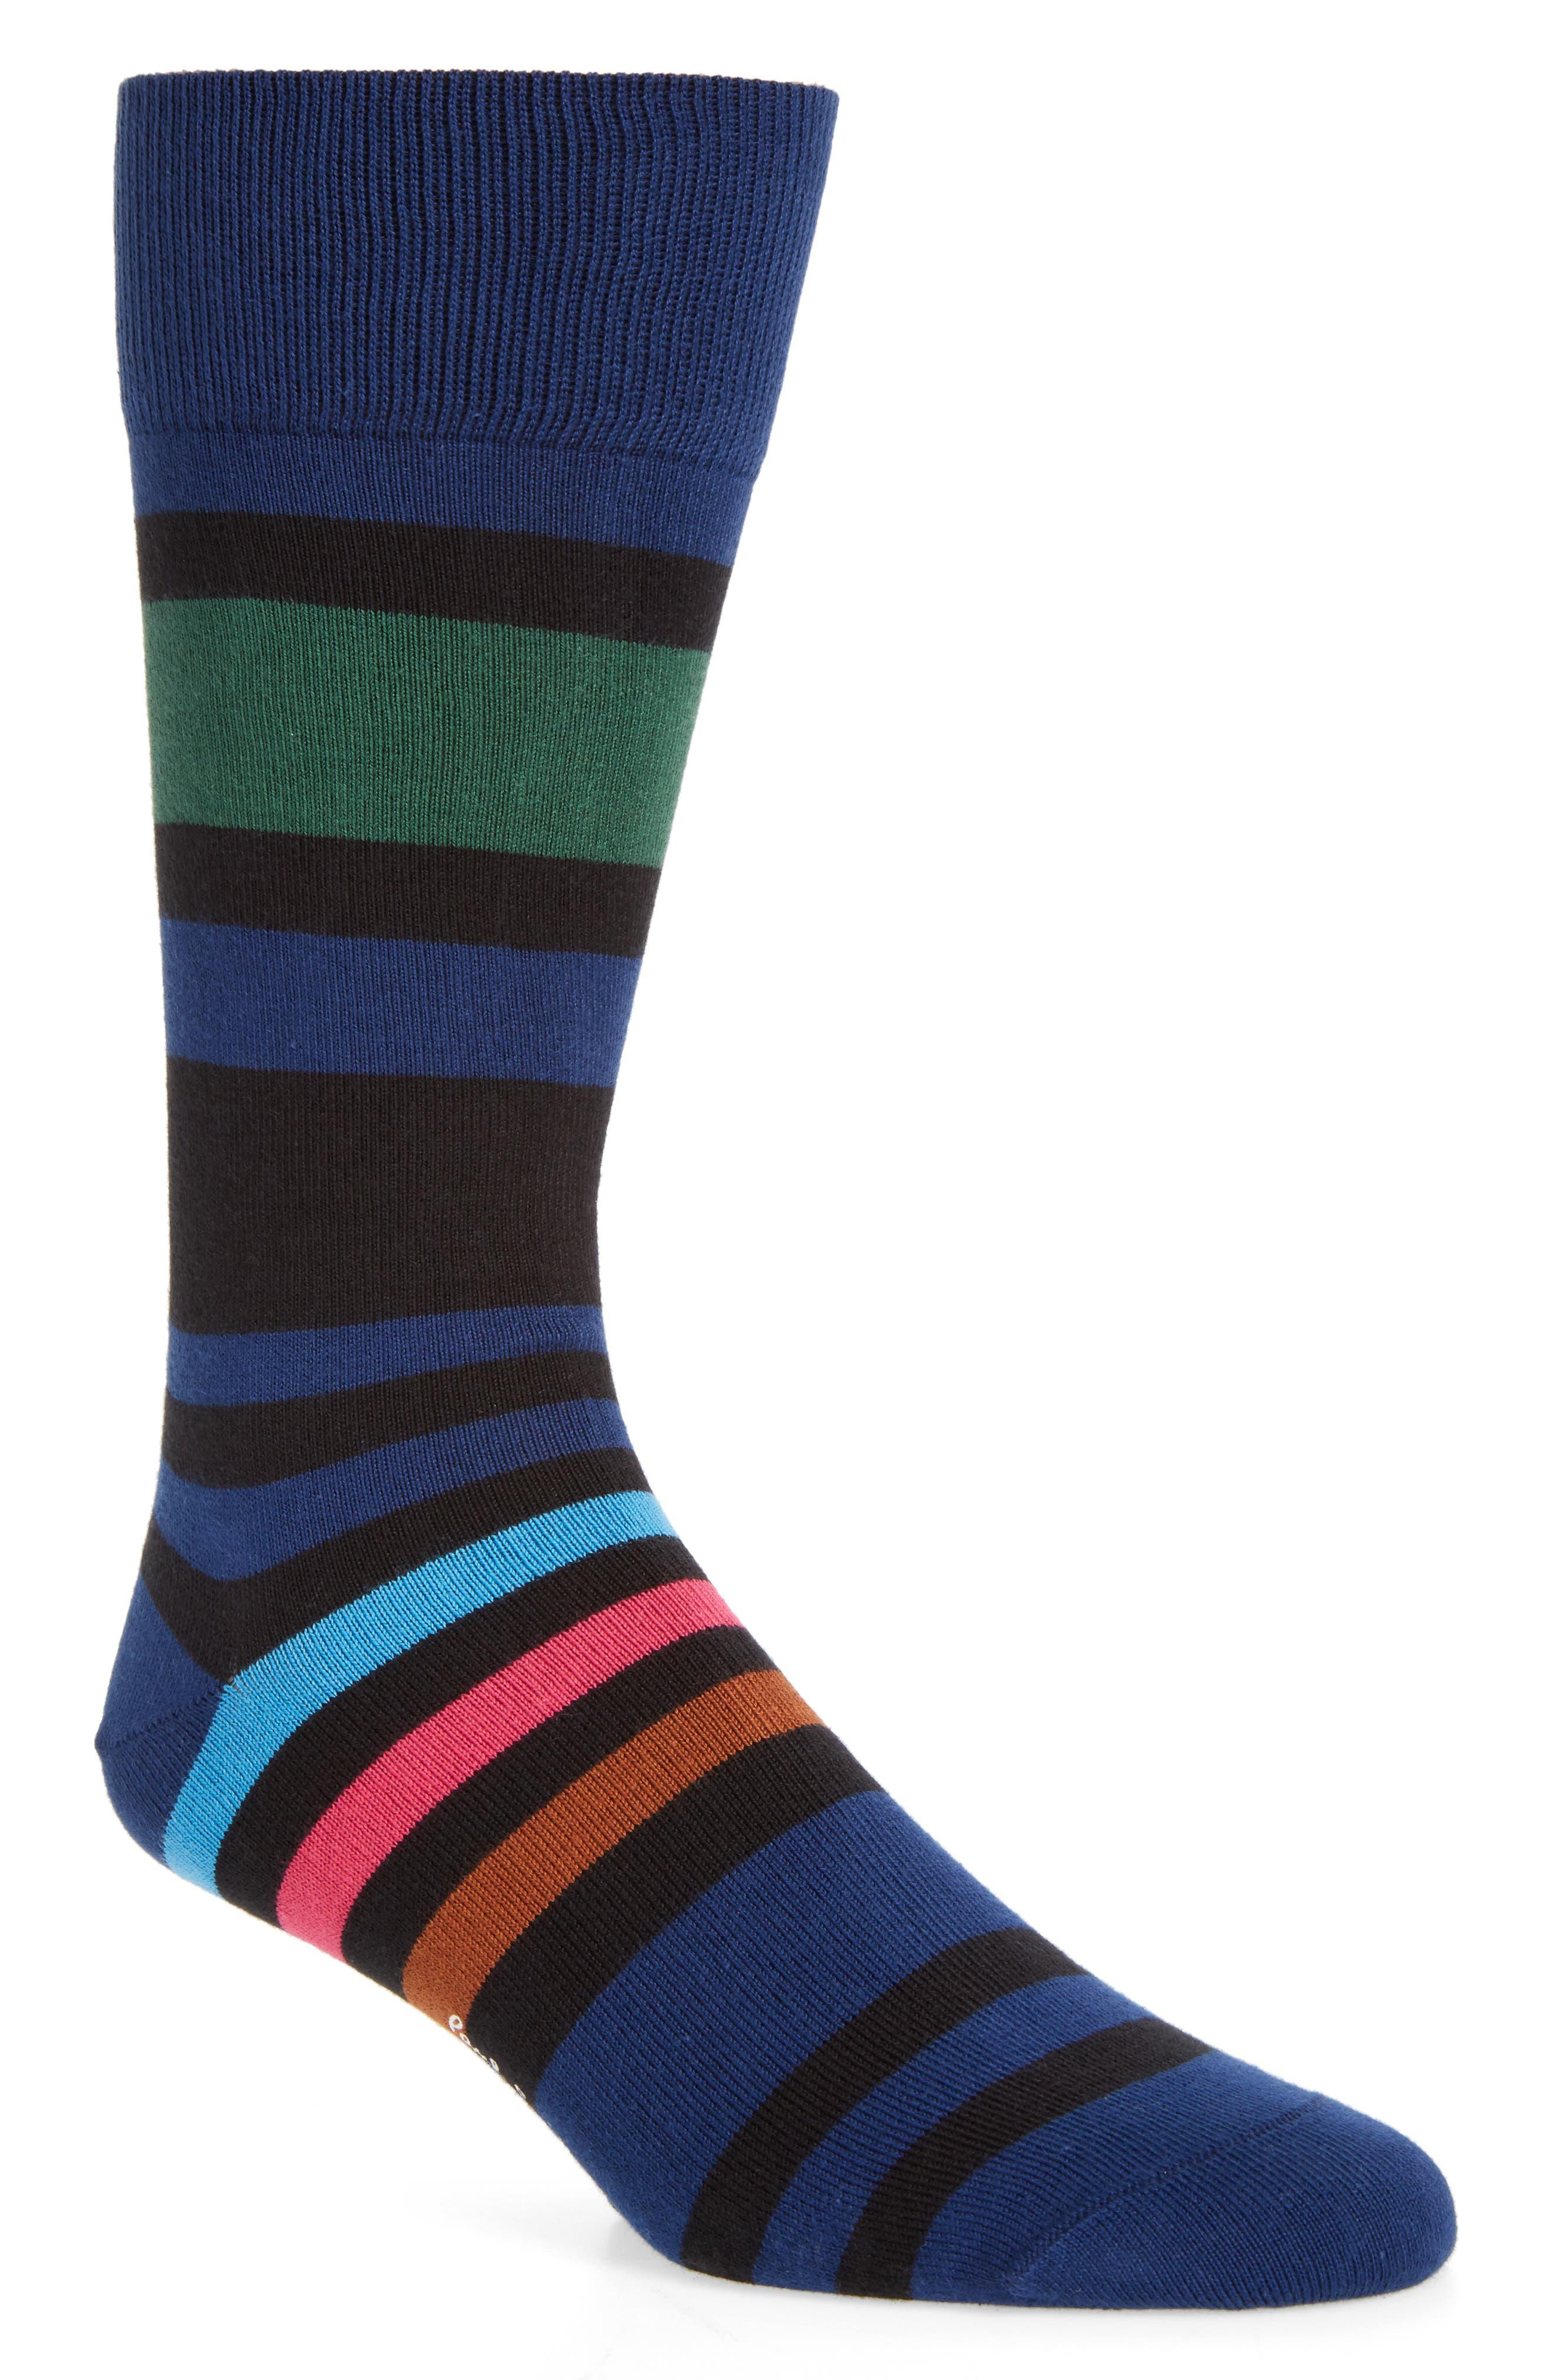 Odd Block Stripe Socks,                         Main,                         color, Navy